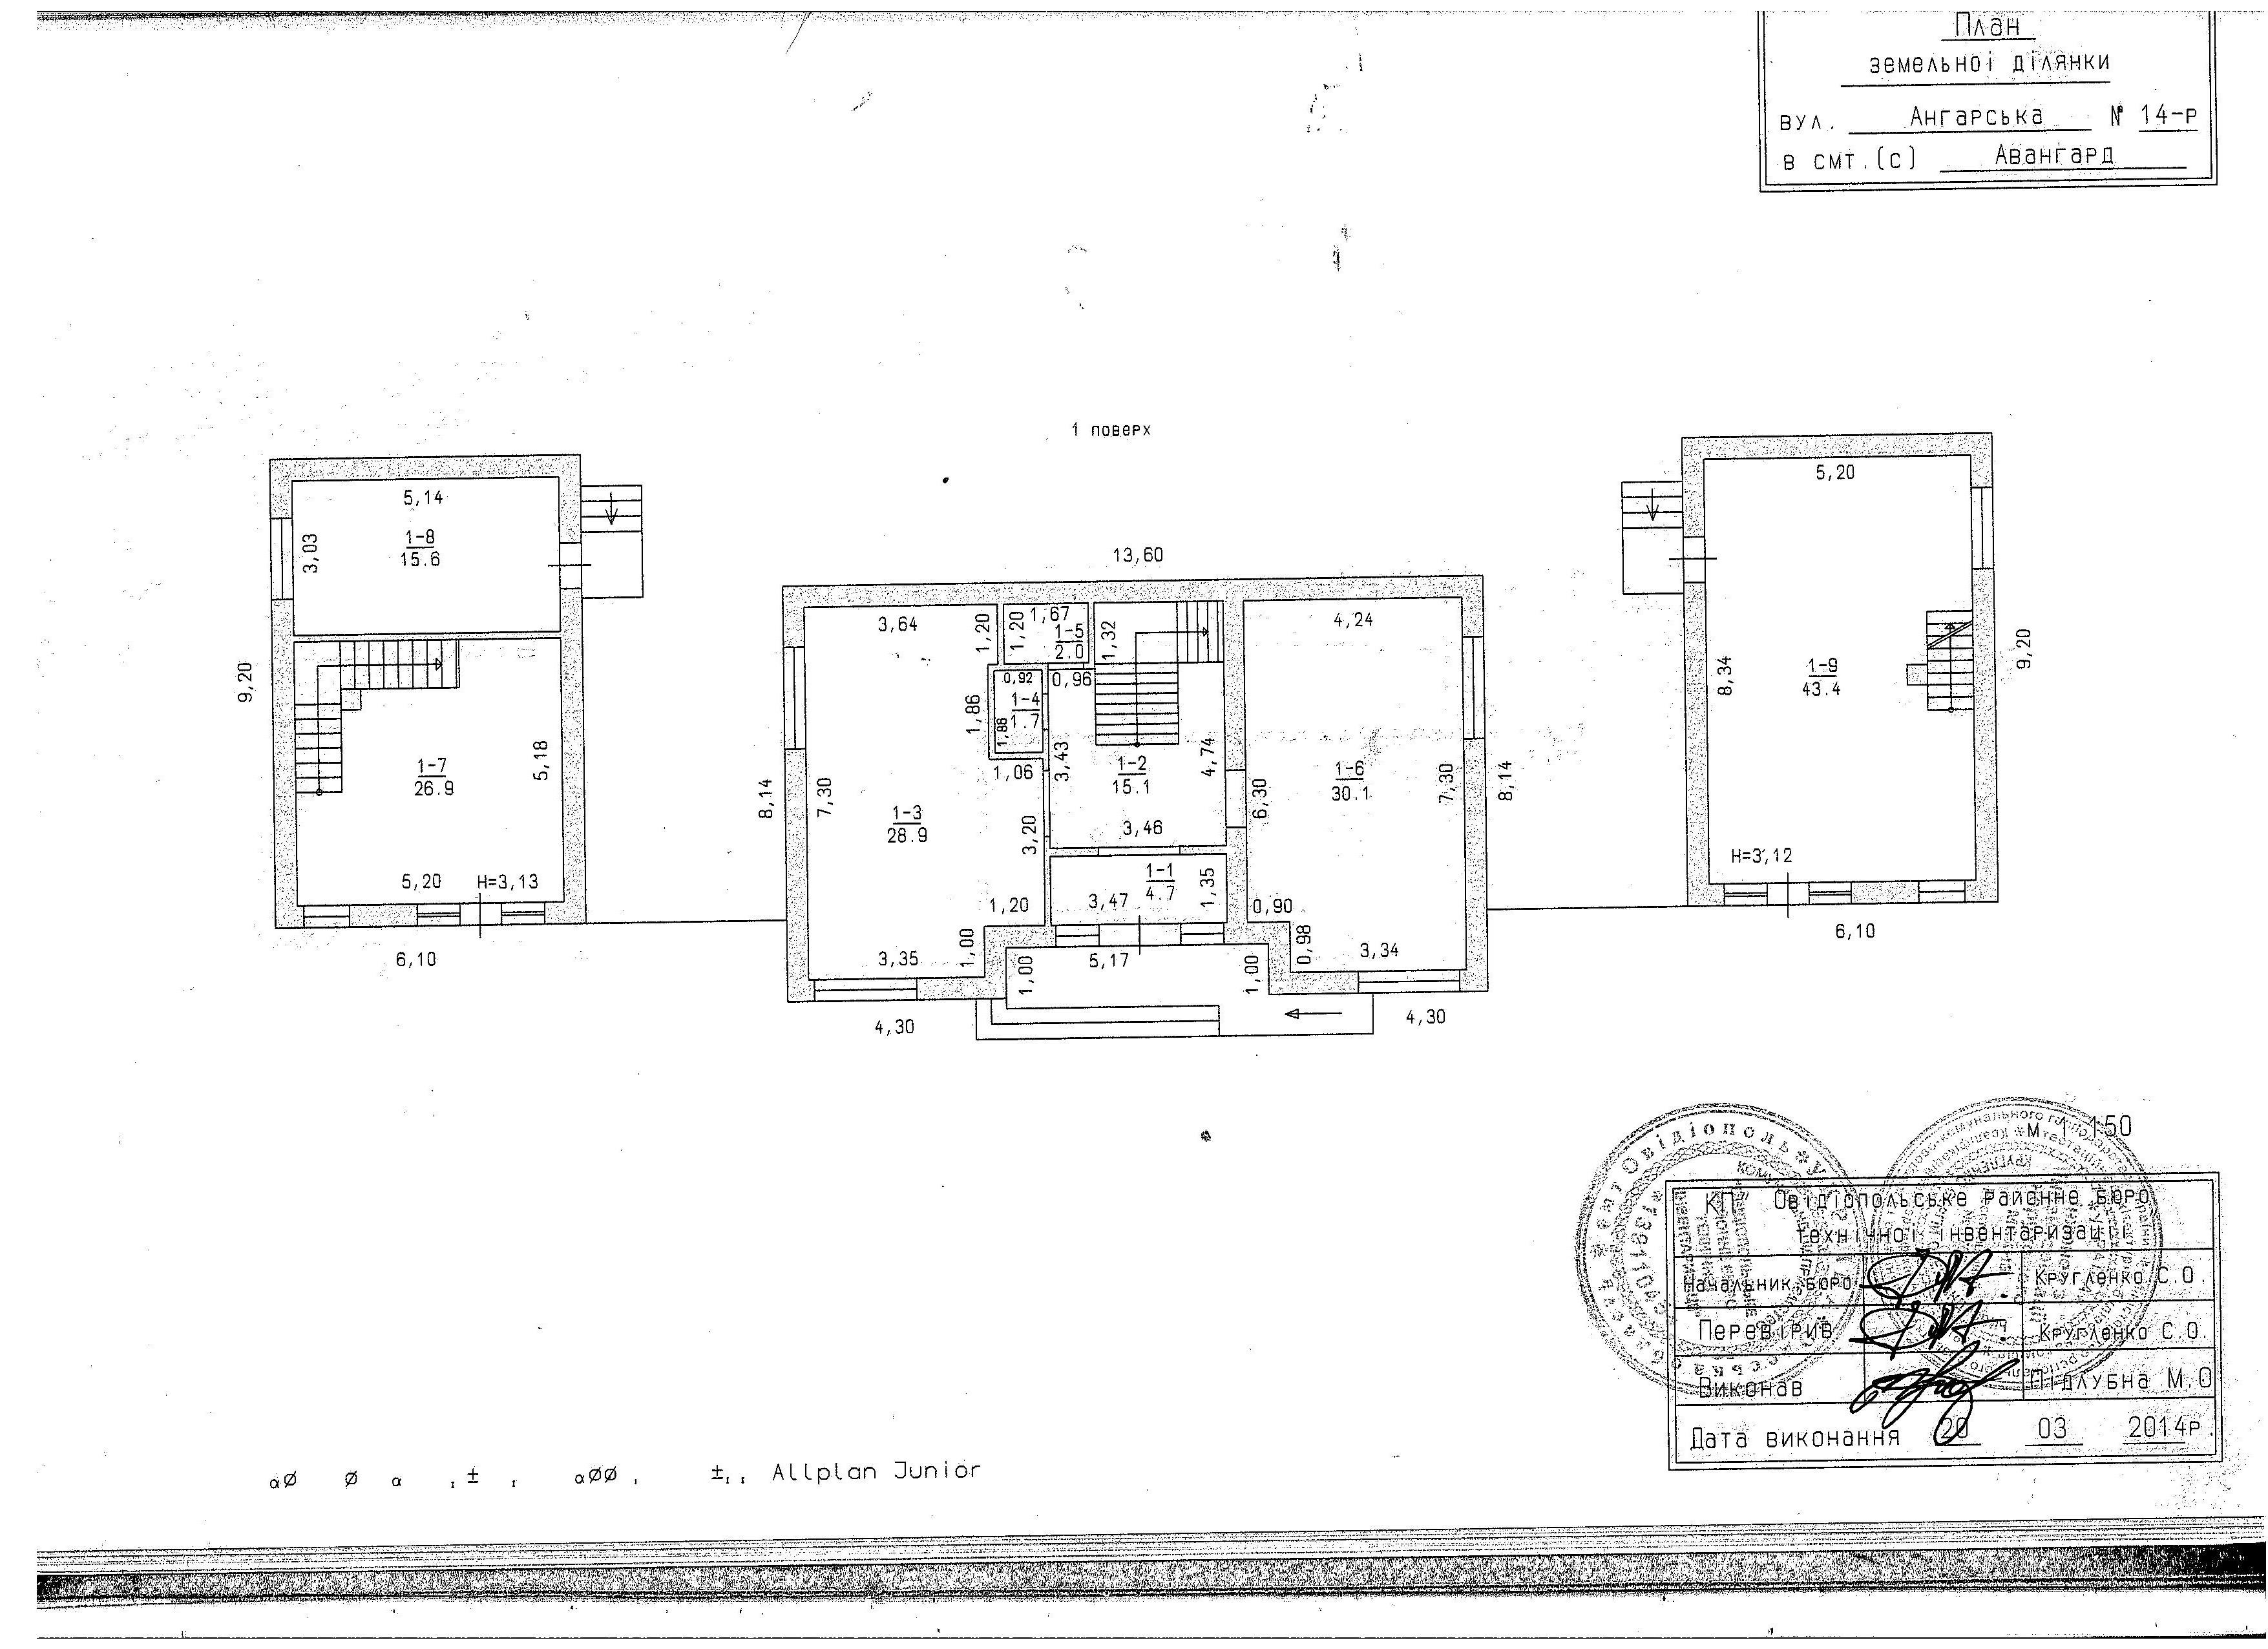 Вбудоване нежитлове приміщення № 4 у корпусі Д селищного ринку, загальною площею 14,13 кв.м.